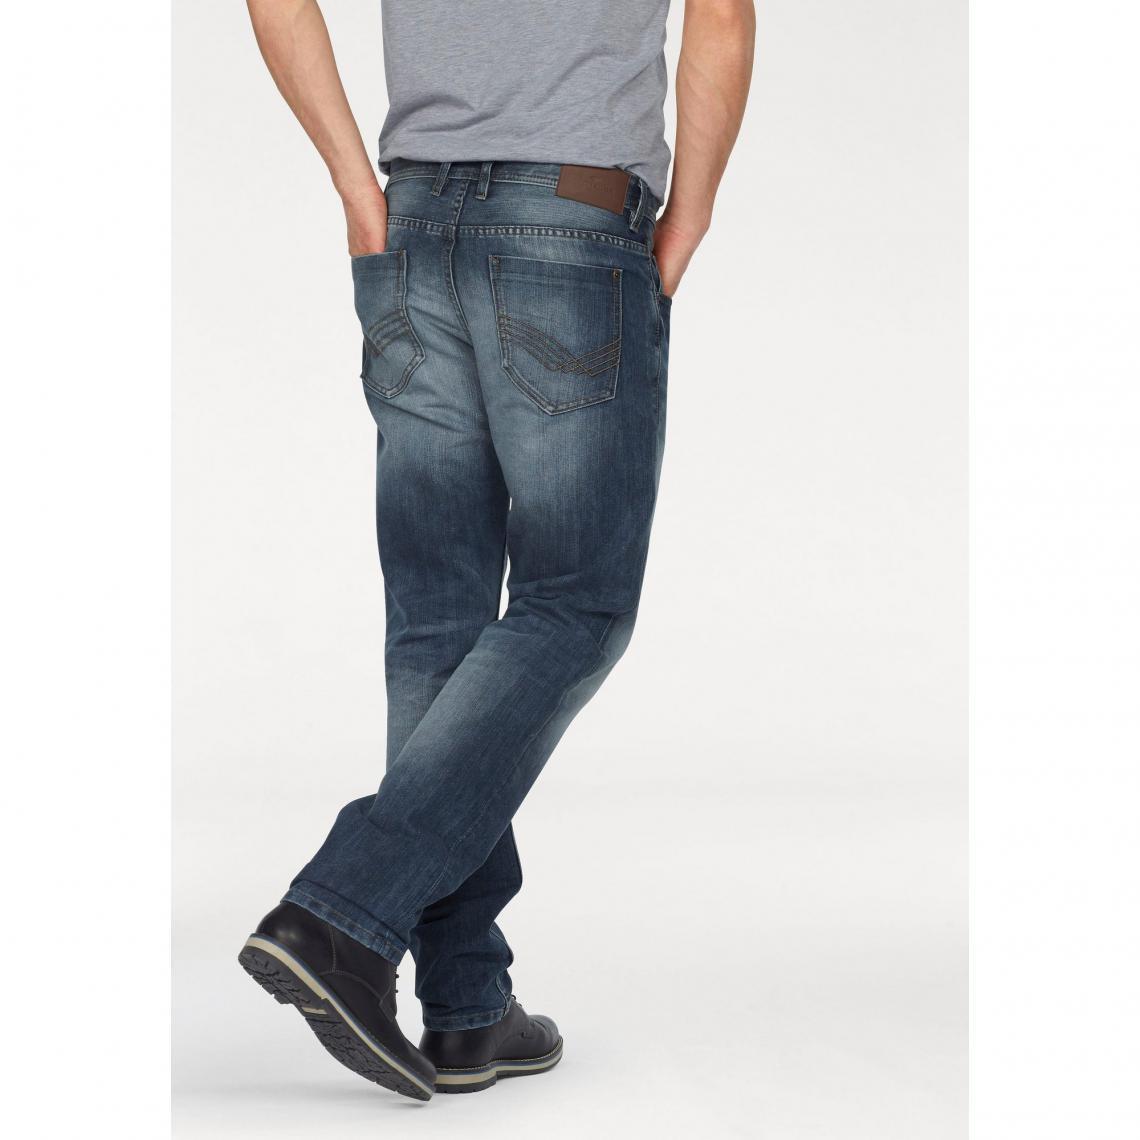 e68ccd27ee4 Jeans slim homme Tom tailor Cliquez l image pour l agrandir. Jean Marvin  slim used 5 poches L34 ...